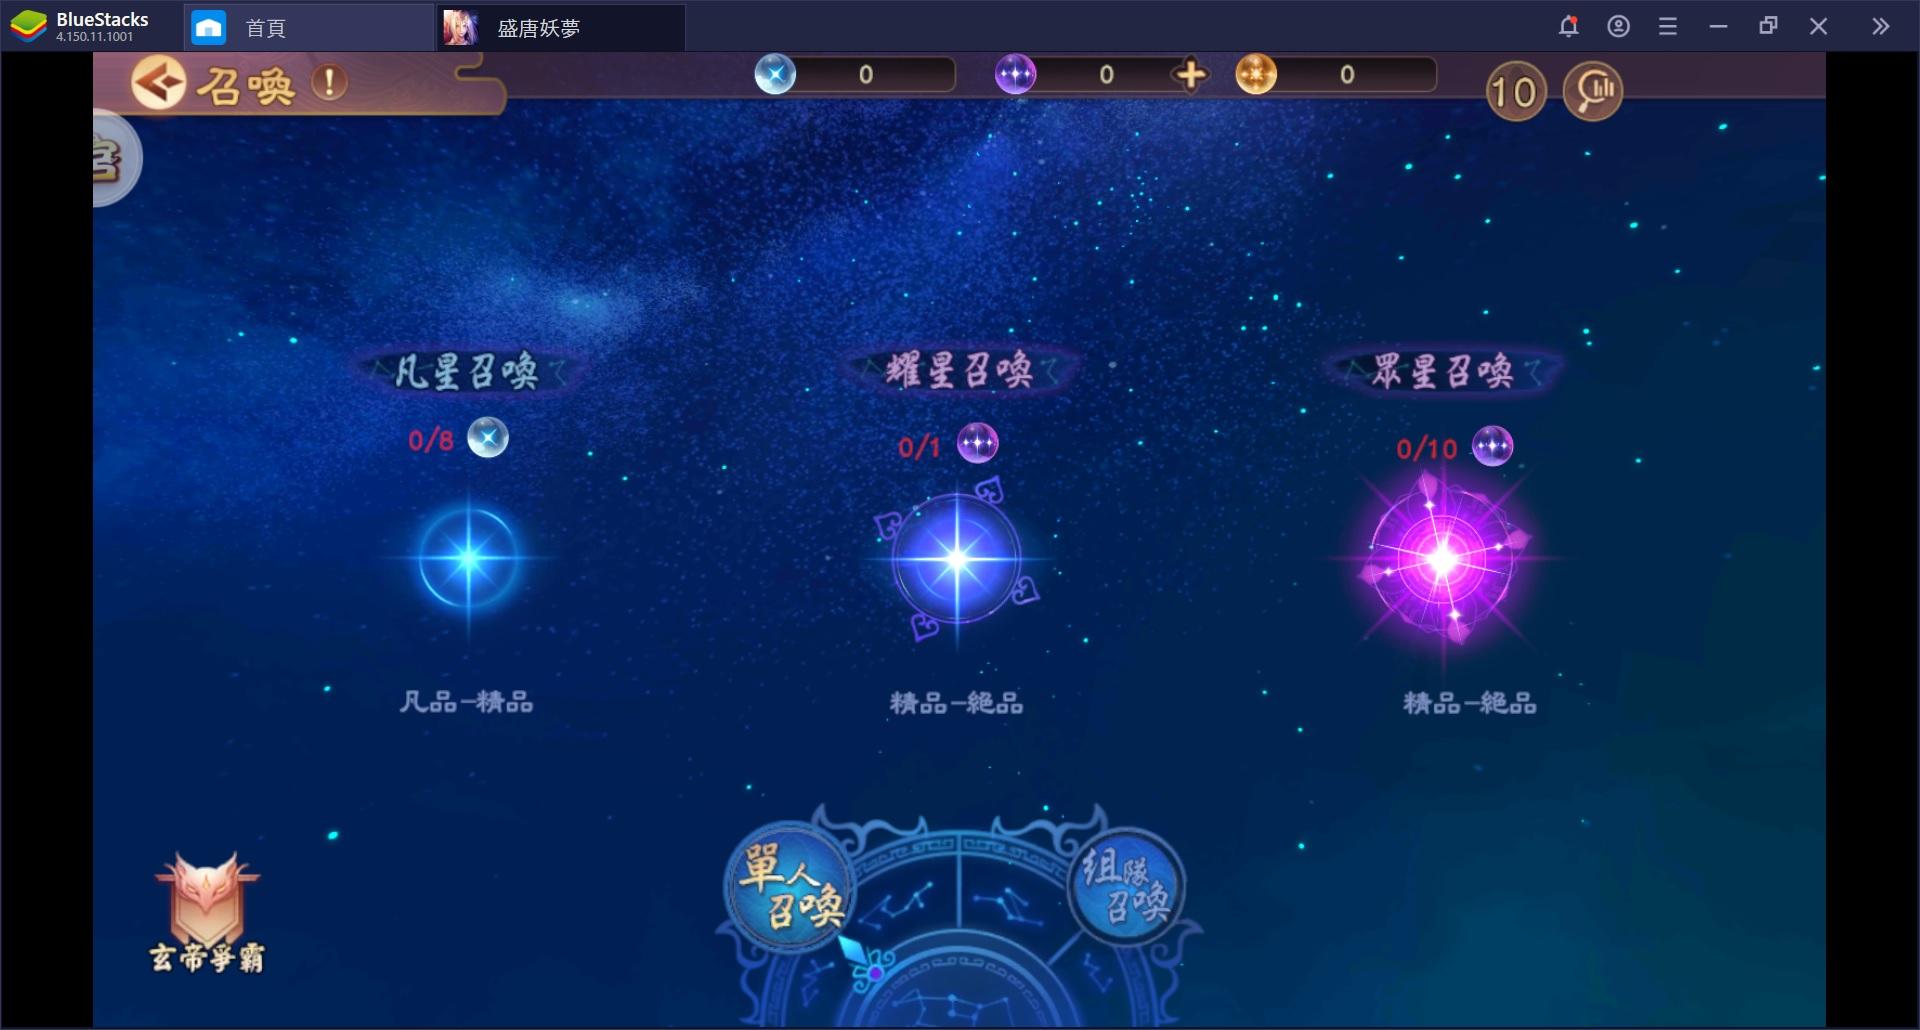 《盛唐妖夢》:新手必知的遊戲常識